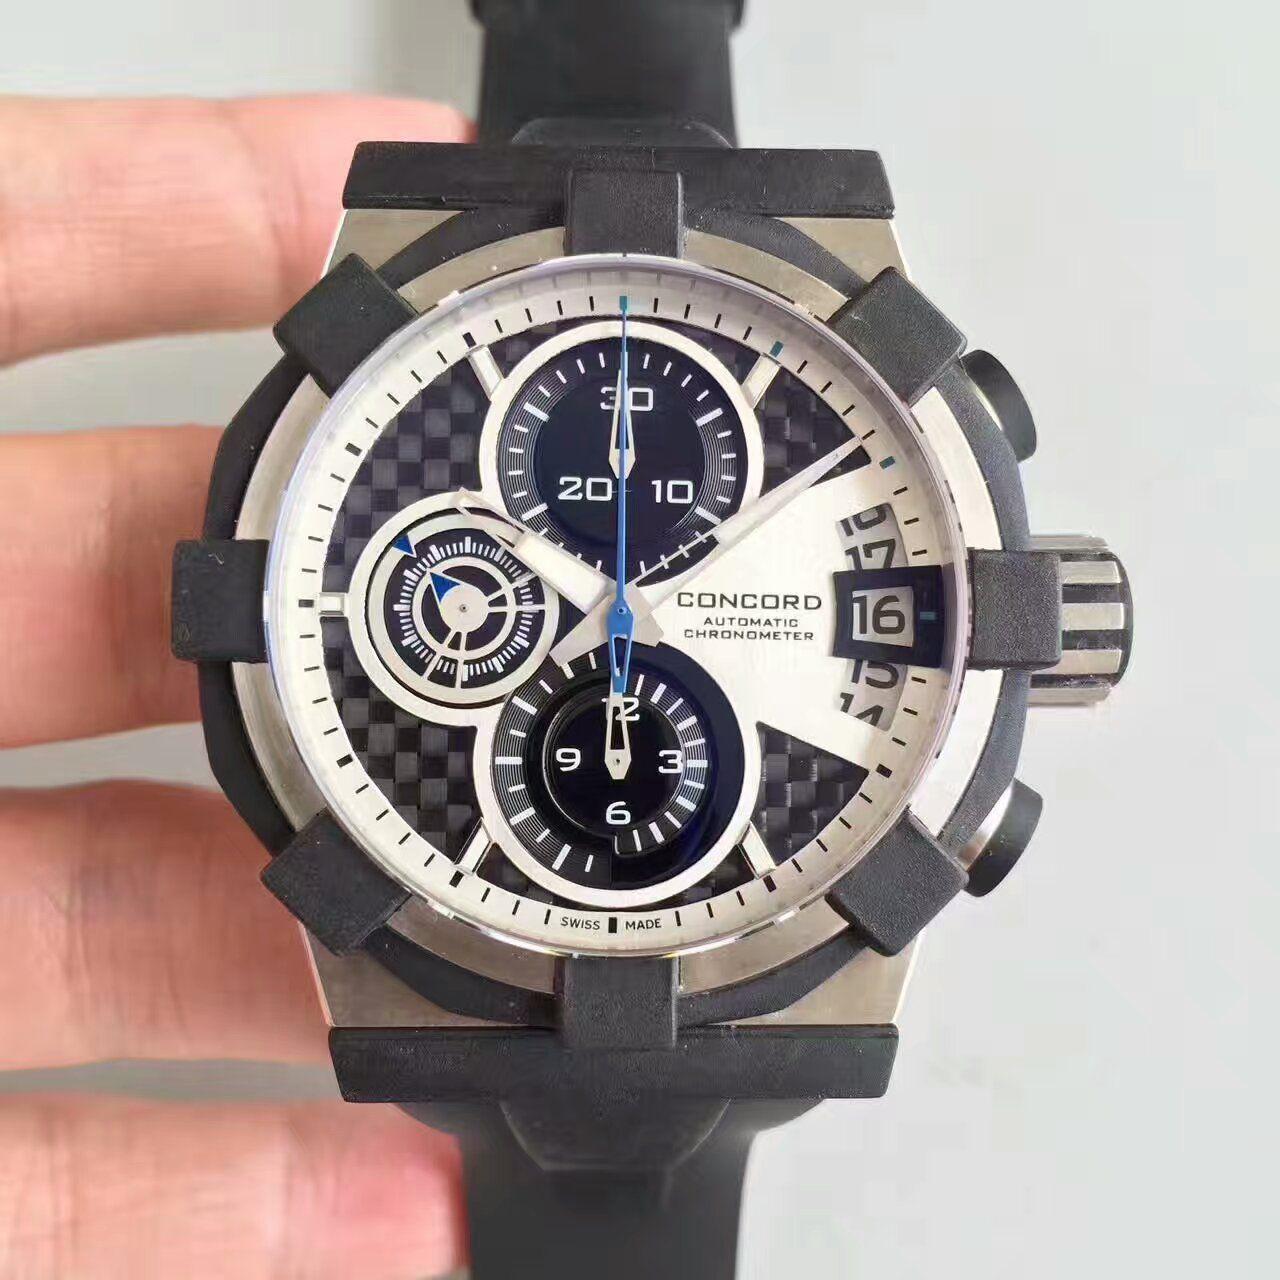 【台湾厂一比一超A高仿手表】CONCORD 君皇 C1 Concord C1 01.5.14.100男士运动 腕表